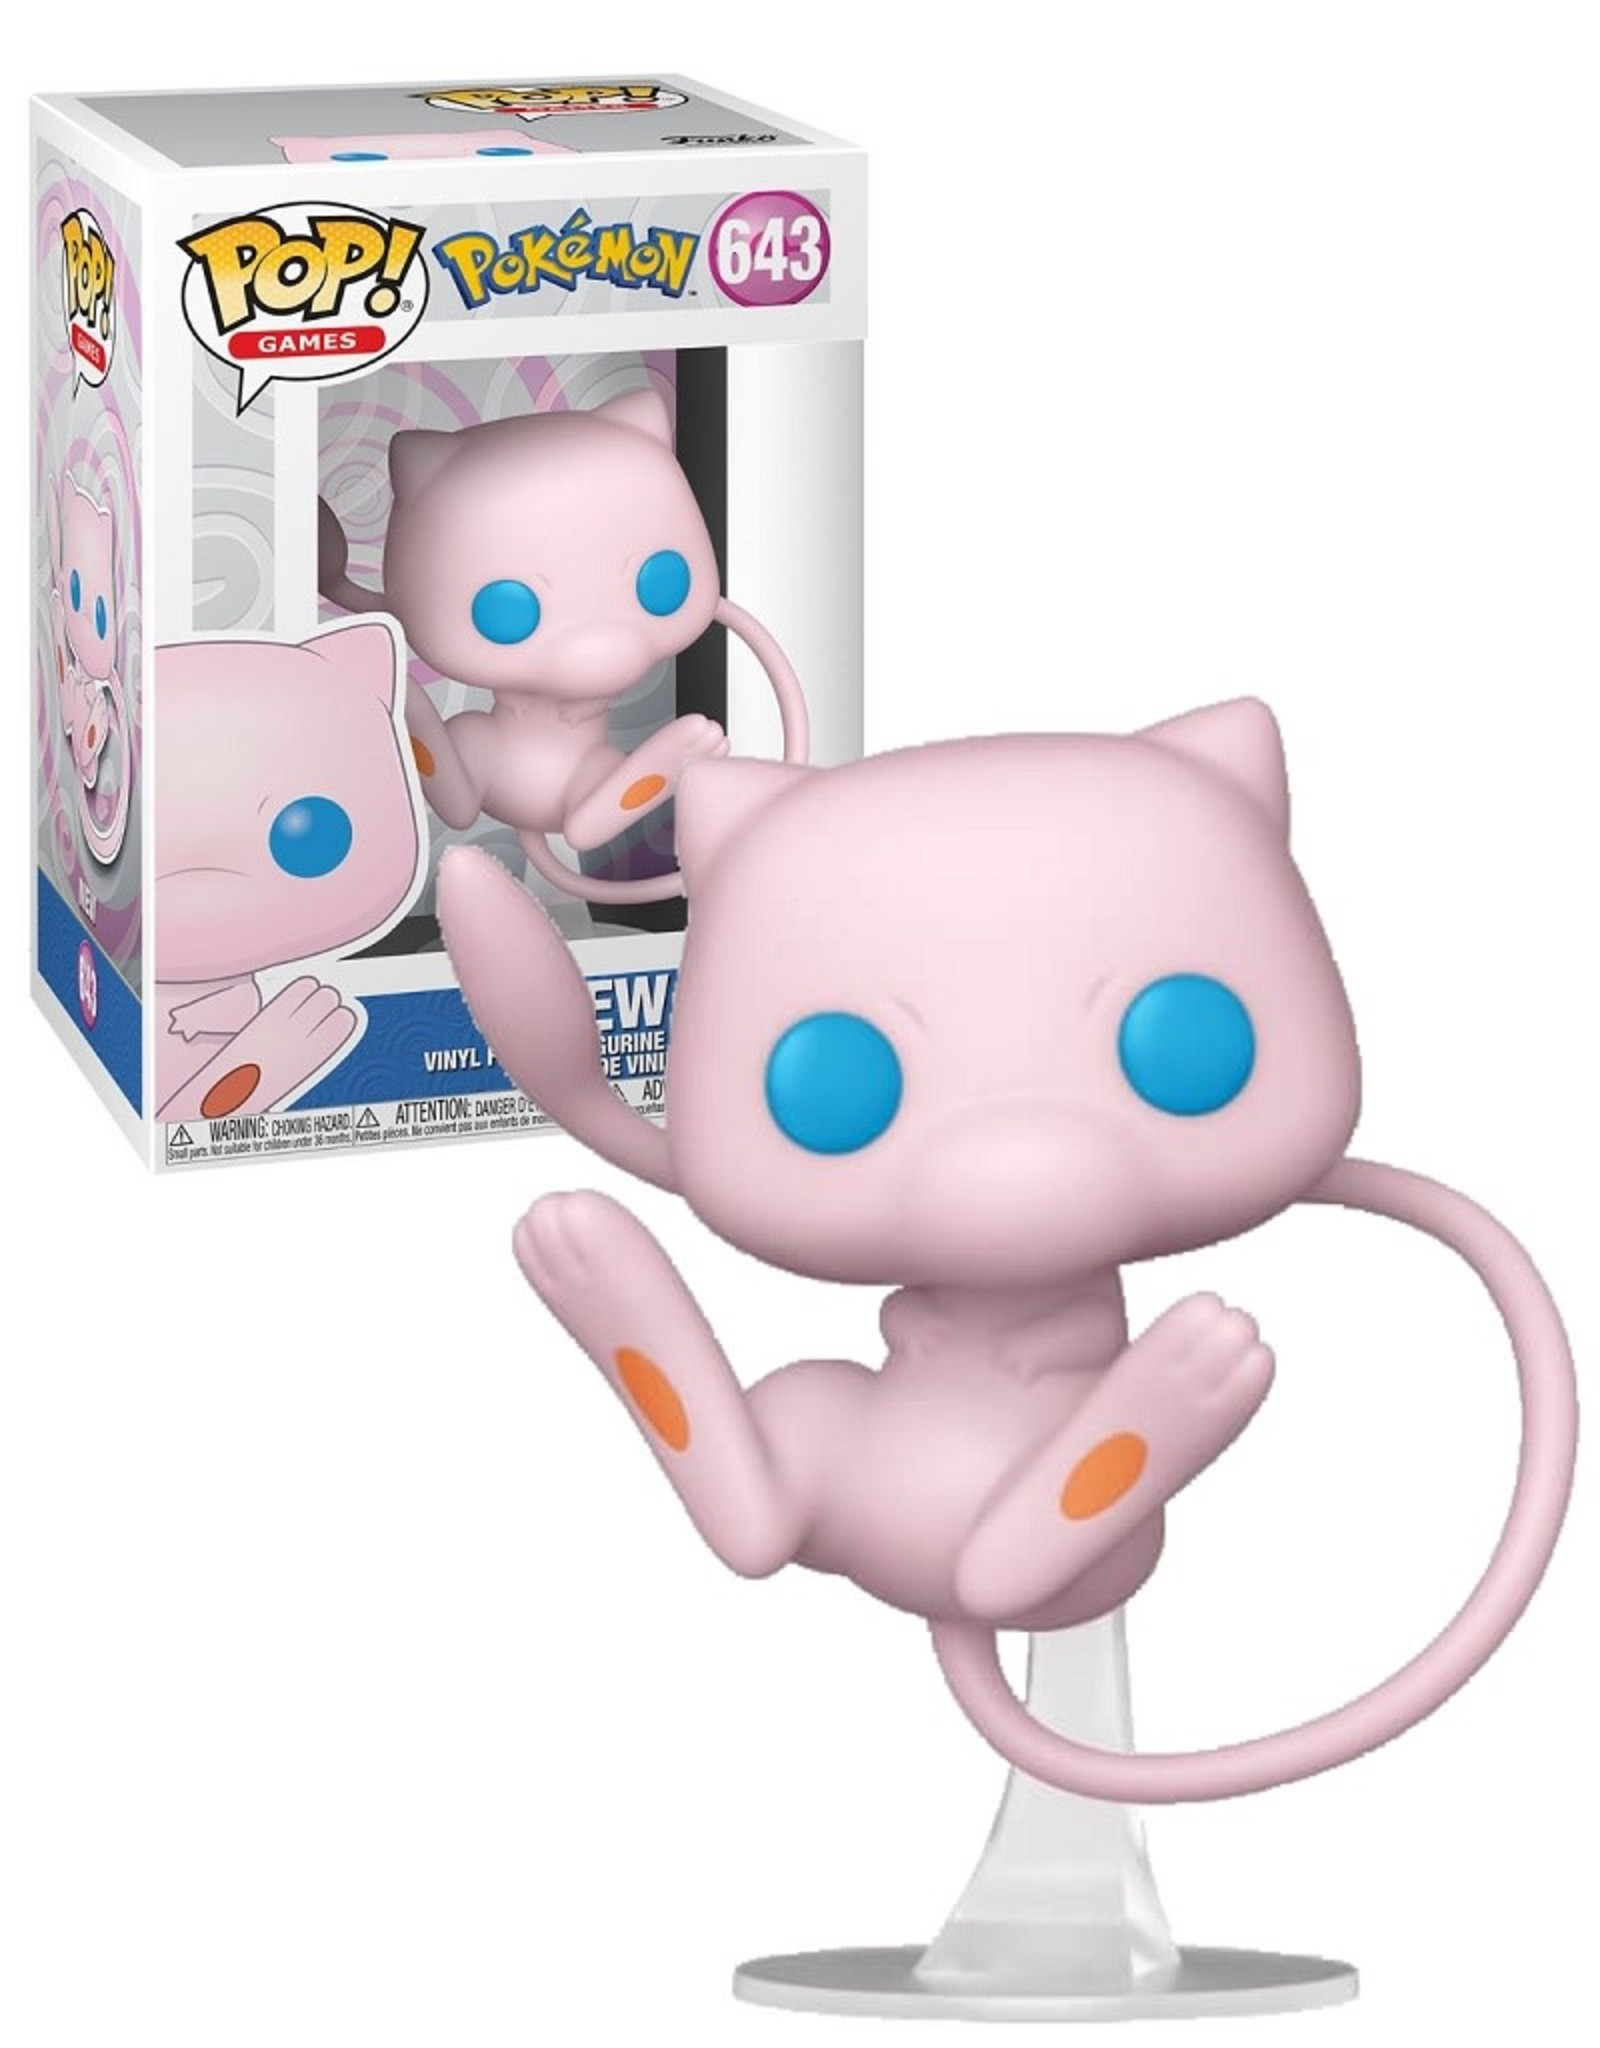 Pokémon 643 ( Funko Pop ) Mew